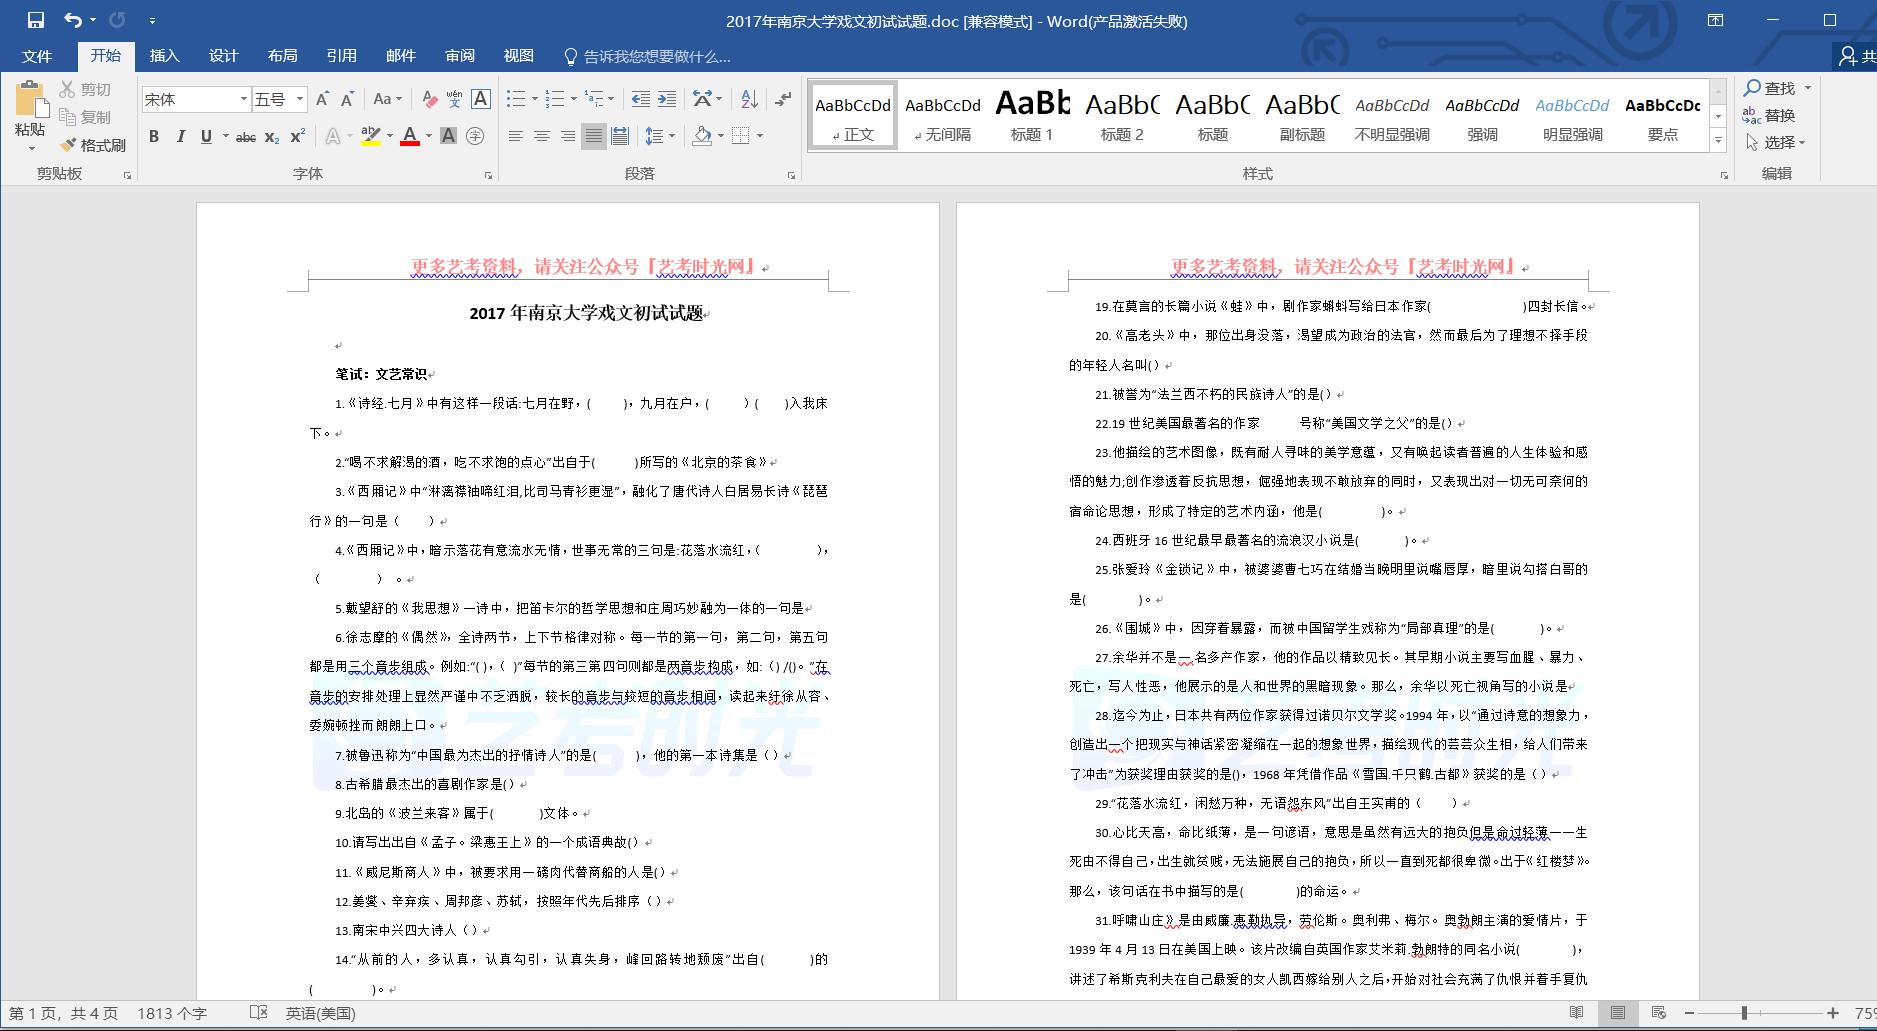 2017年南京大学戏文初试试题(含答案)